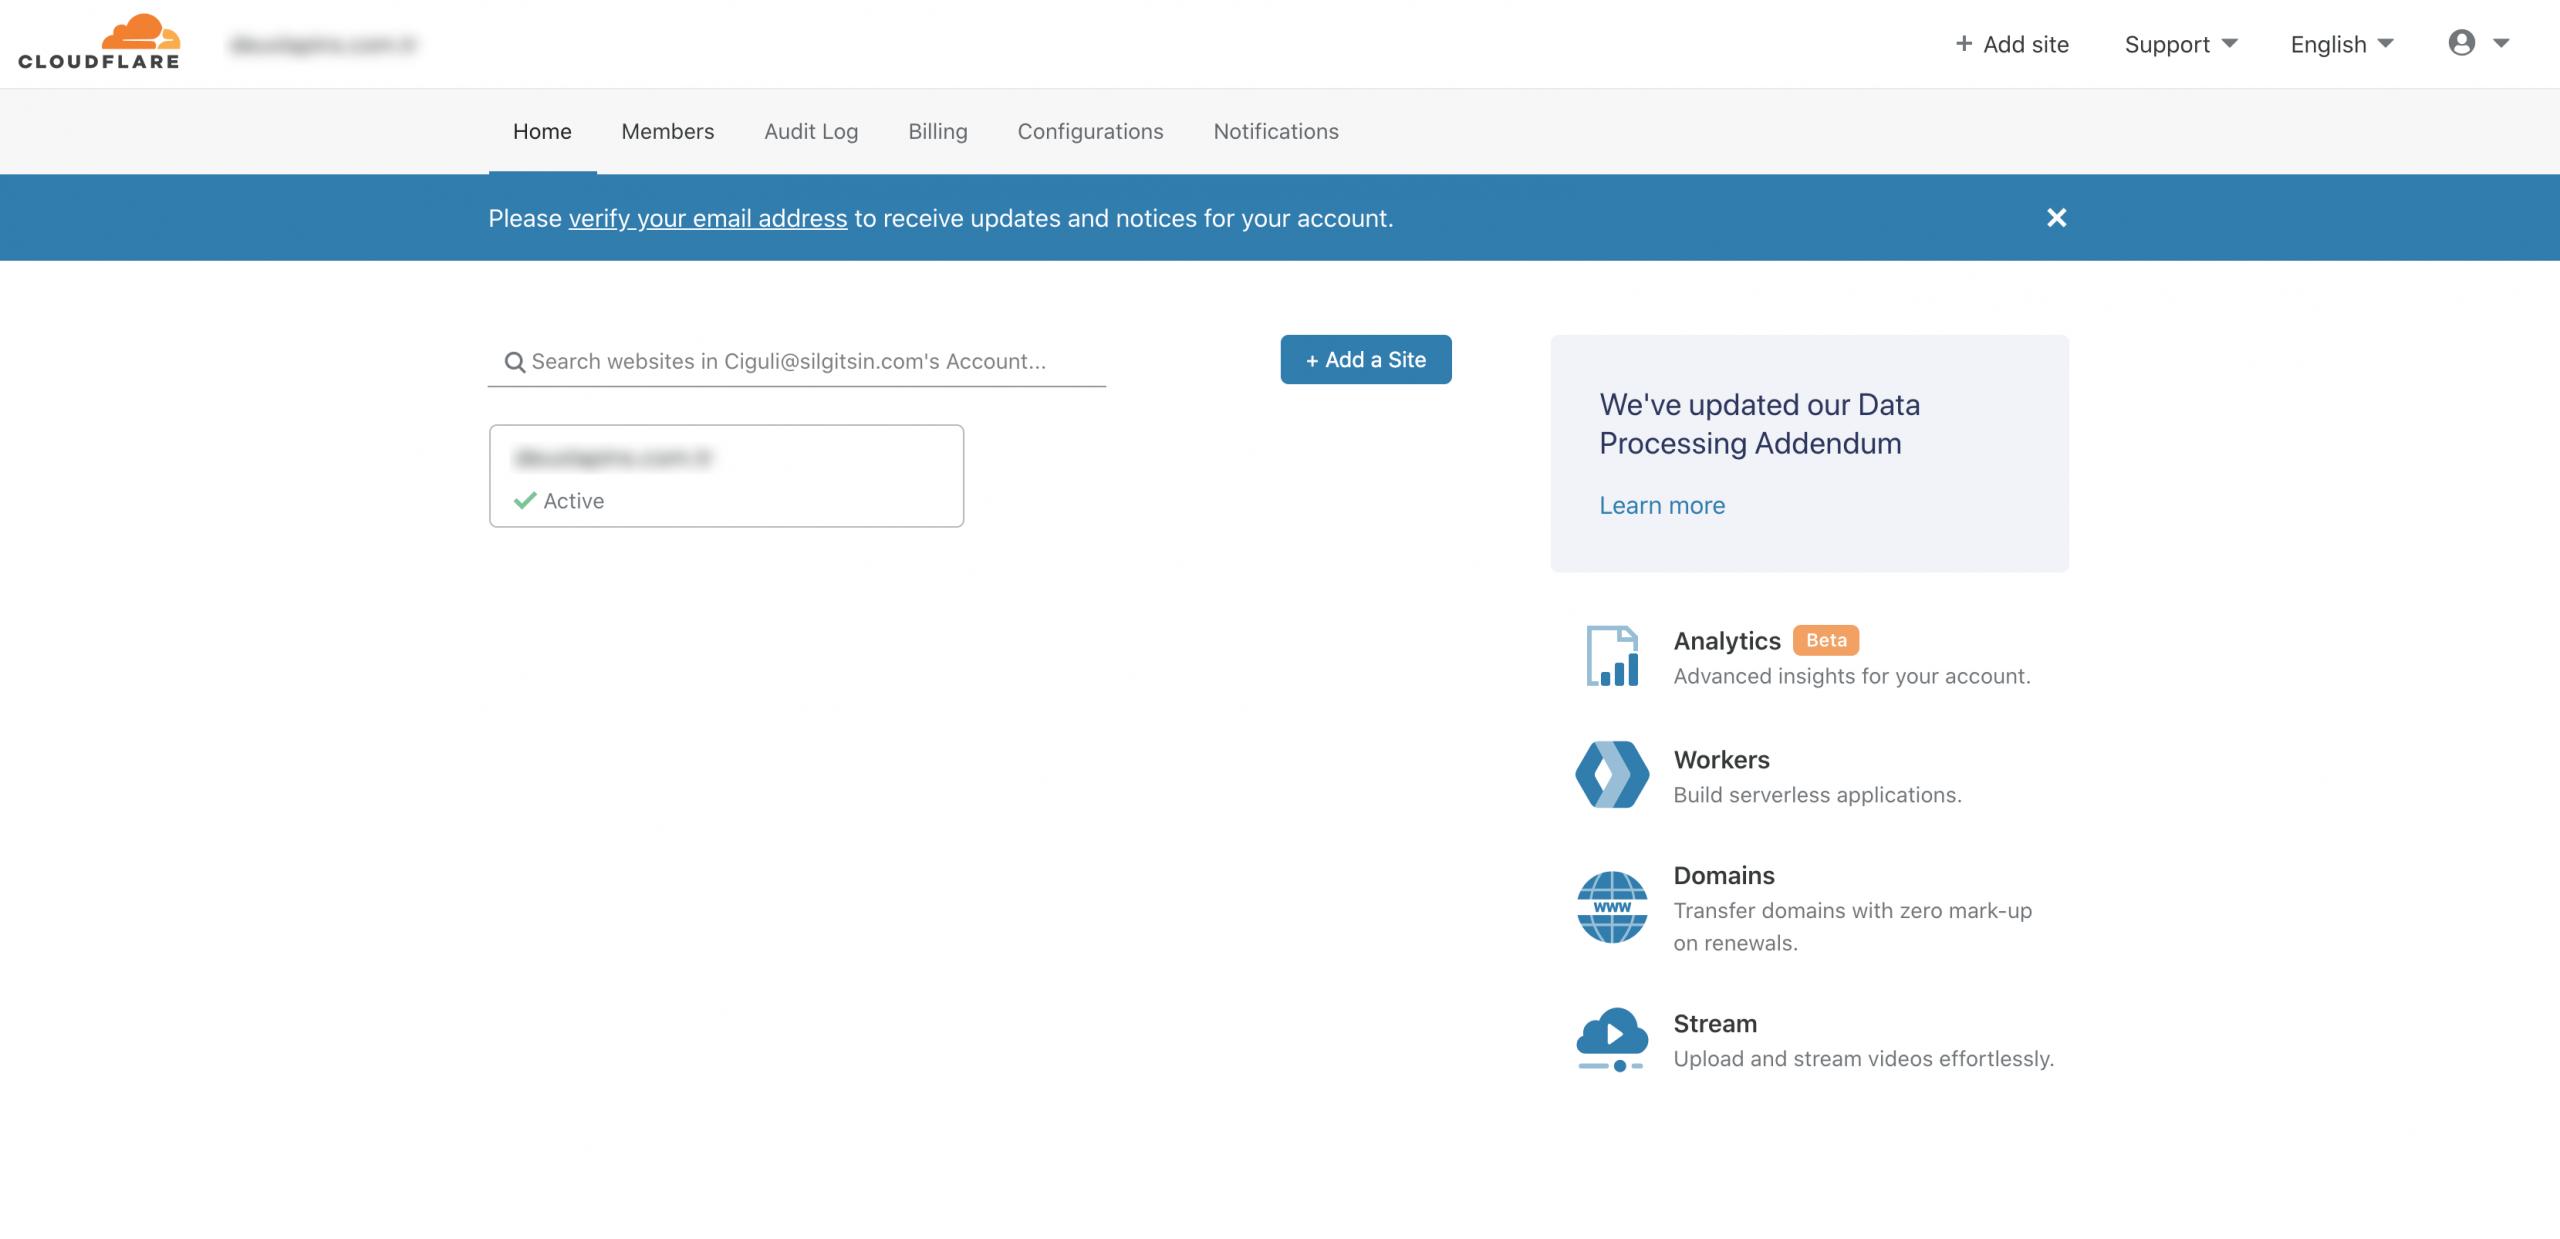 Cloudflare Ayarları - Giriş Ekranı